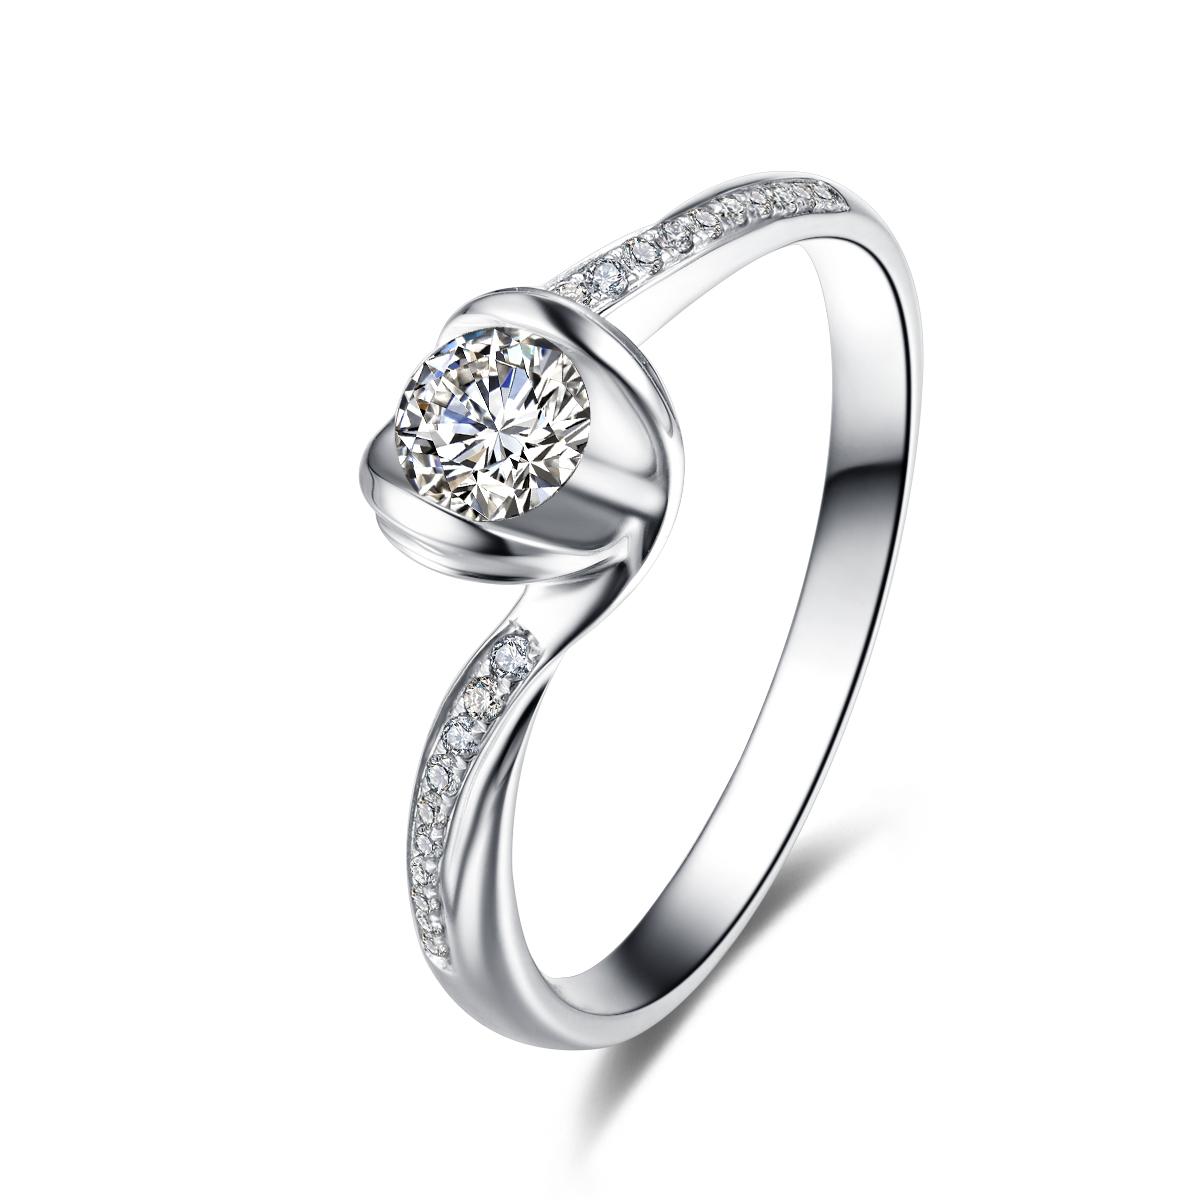 铂金戒指和黄金戒指那个贵?铂金钻戒和黄金戒指买哪种好?